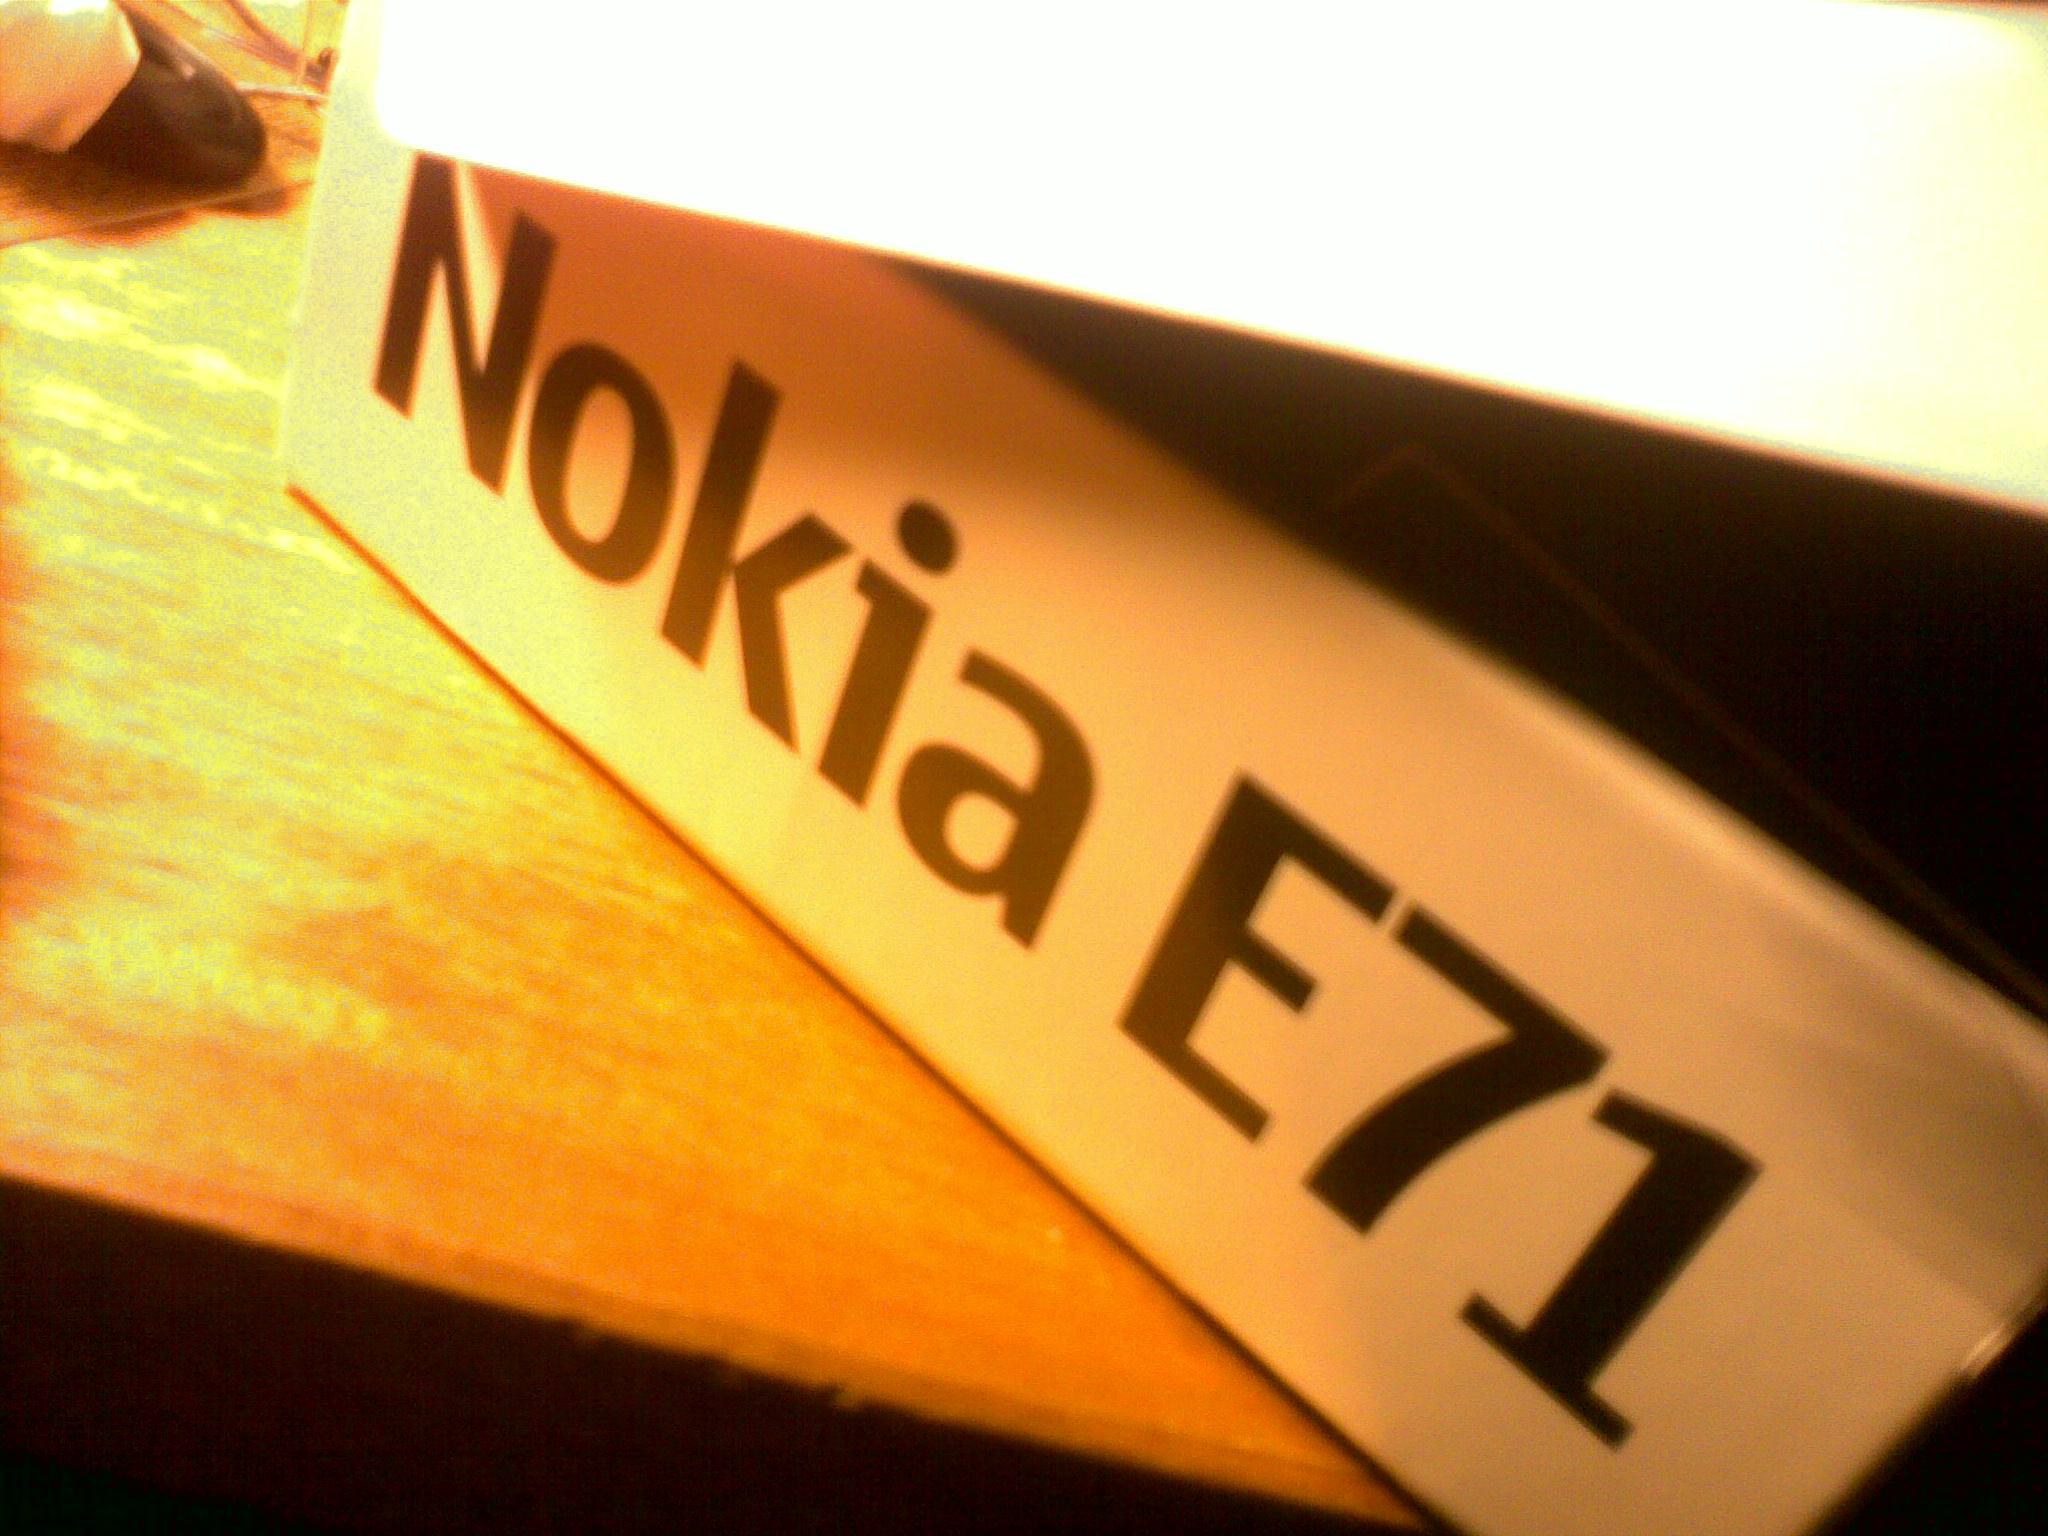 好爱我的新手机哦..